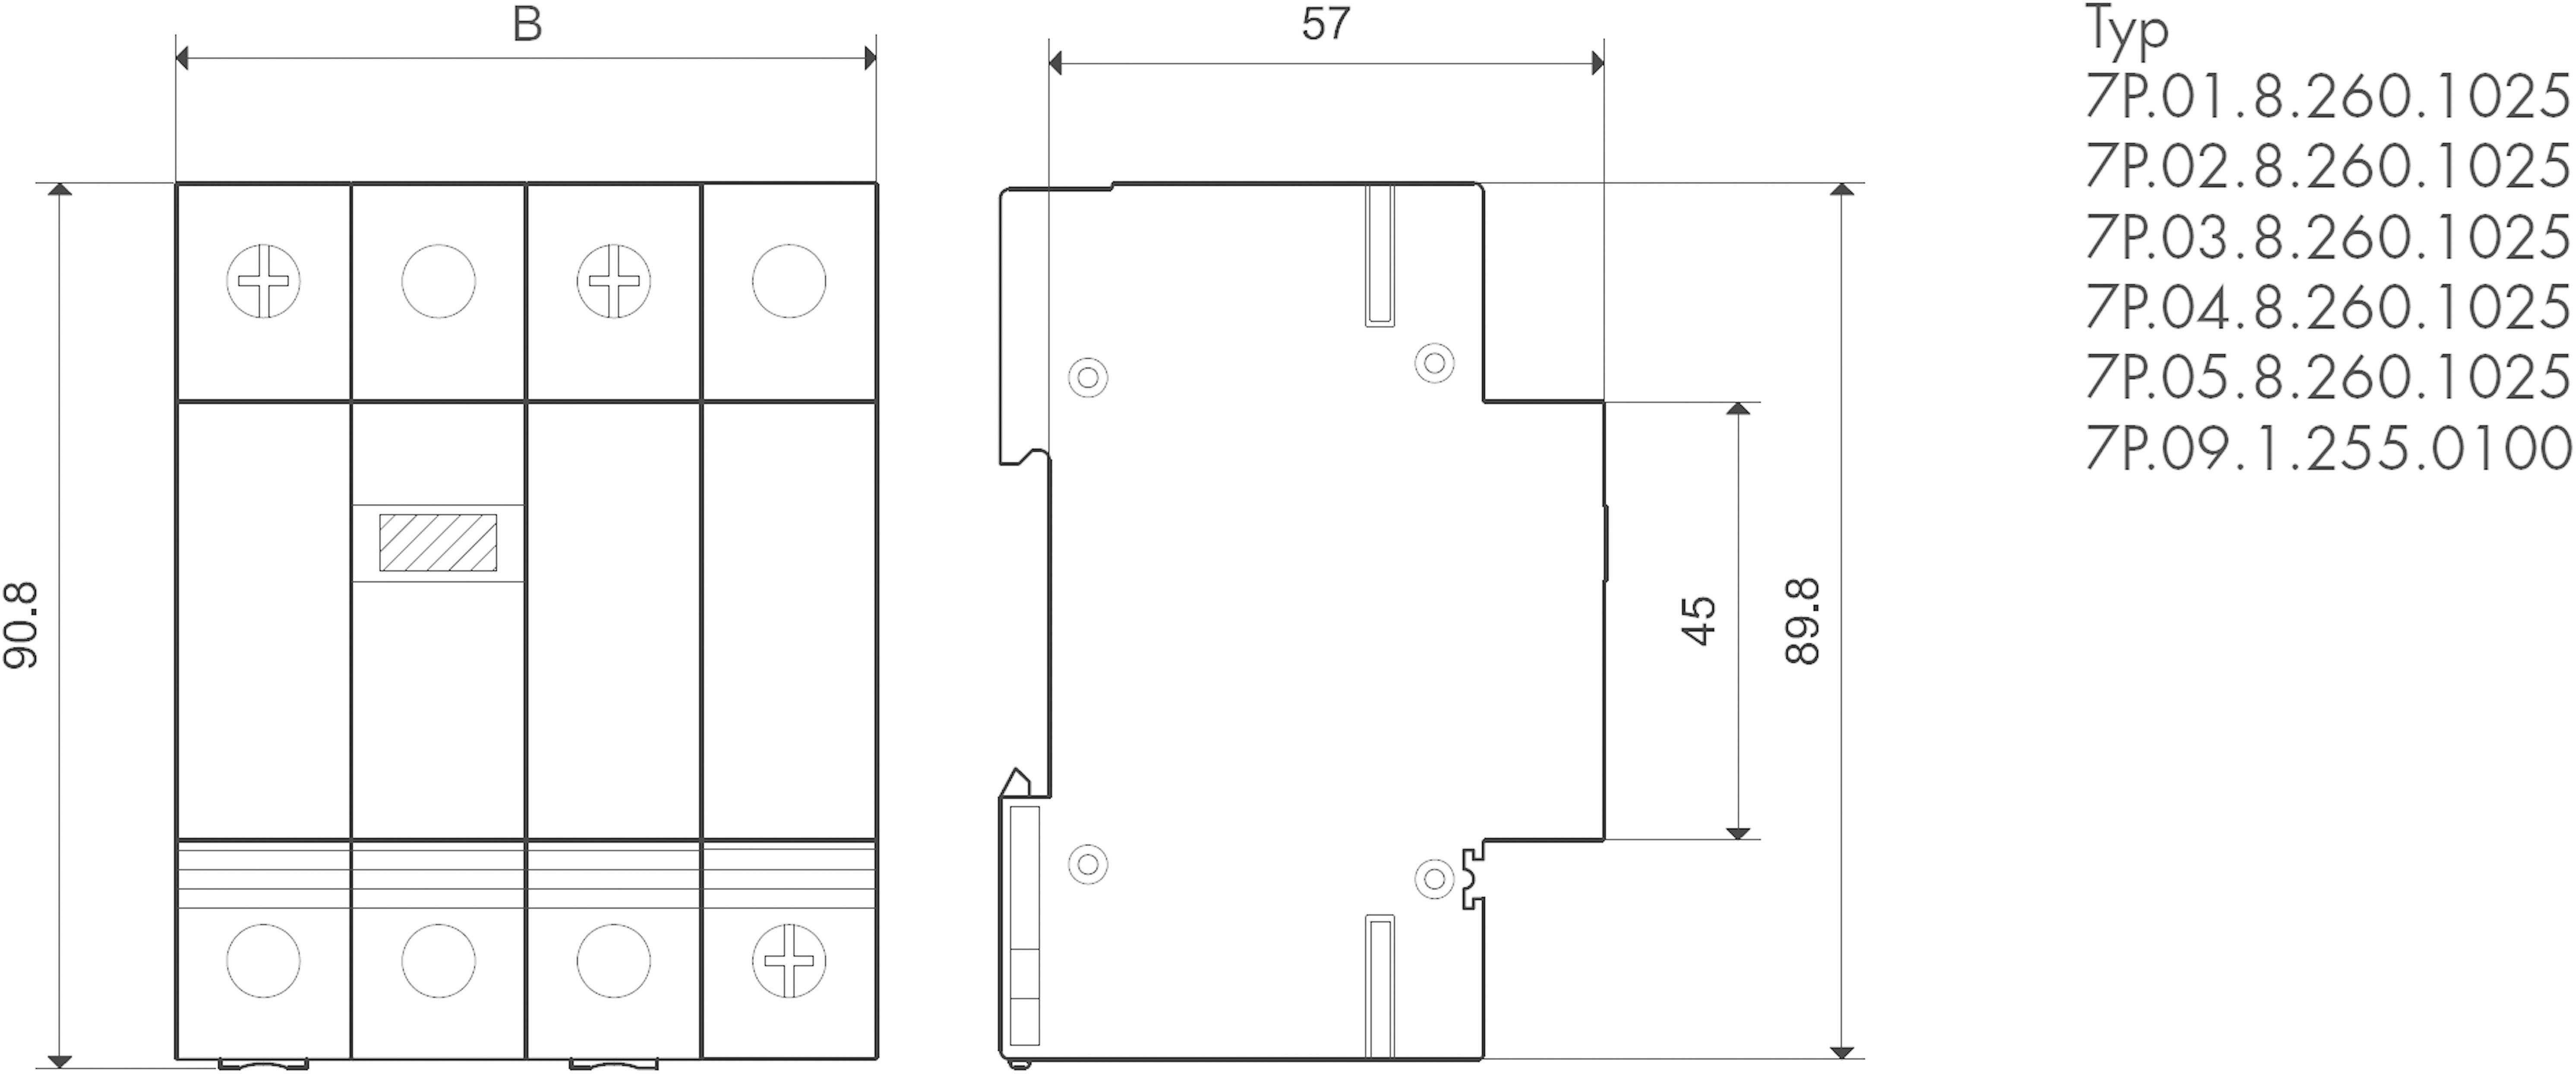 Přepěťová ochrana (svodič přepětí) Finder 7P.02.8.260.1025, typ 1/2, 1fázový, 1jiskřiště